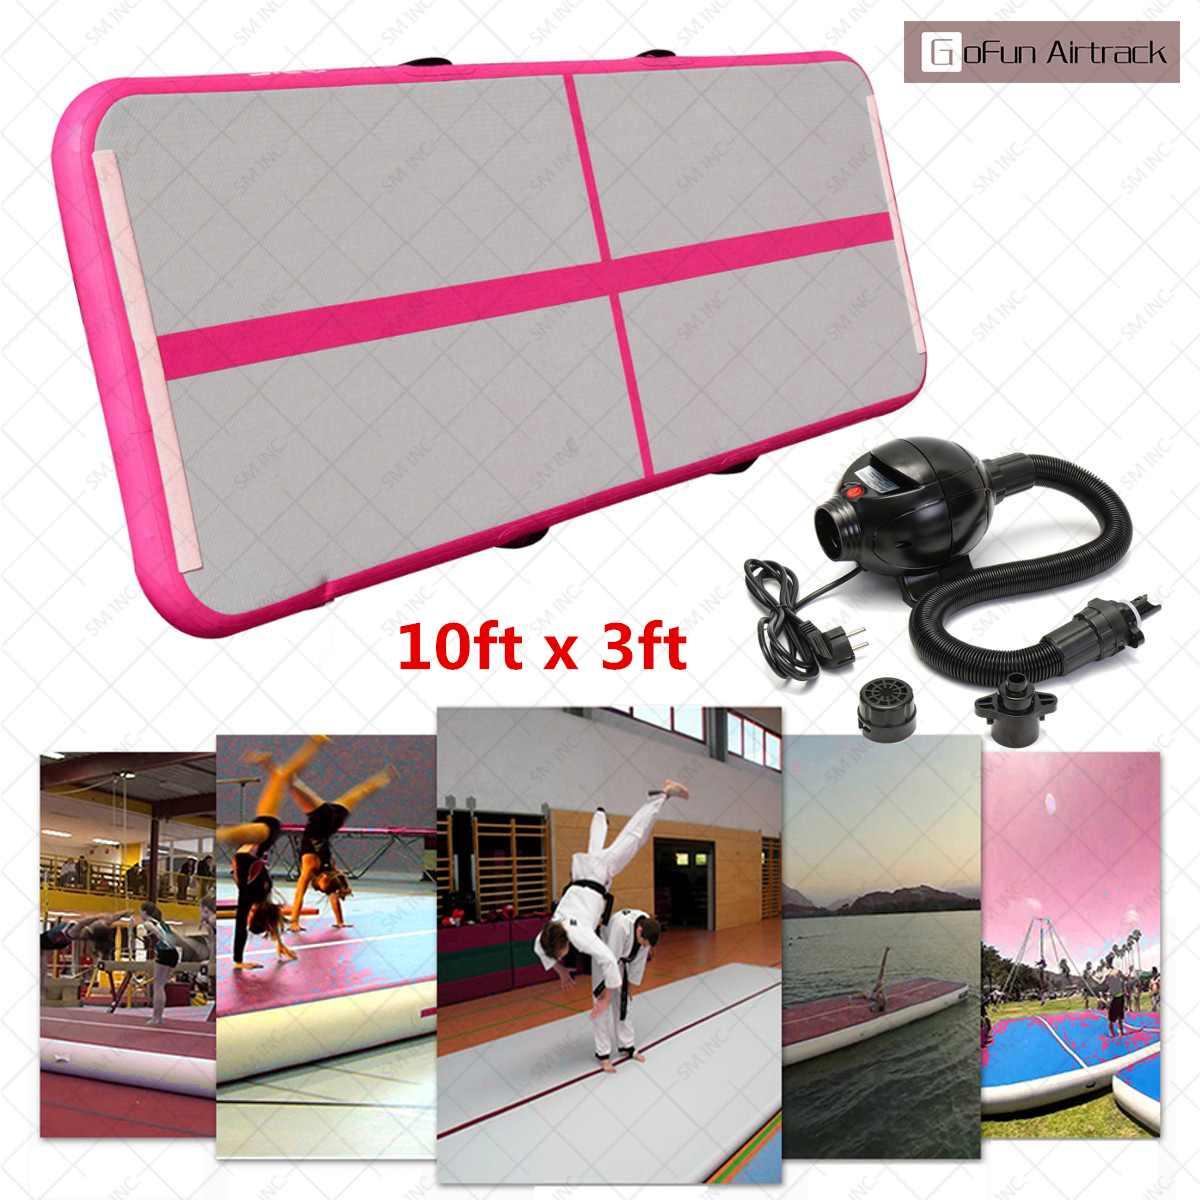 Gofun 118x35x4 pouces pistes d'air plancher maison gymnastique culbuteur tapis gonflable Air Tumbling piste GYM